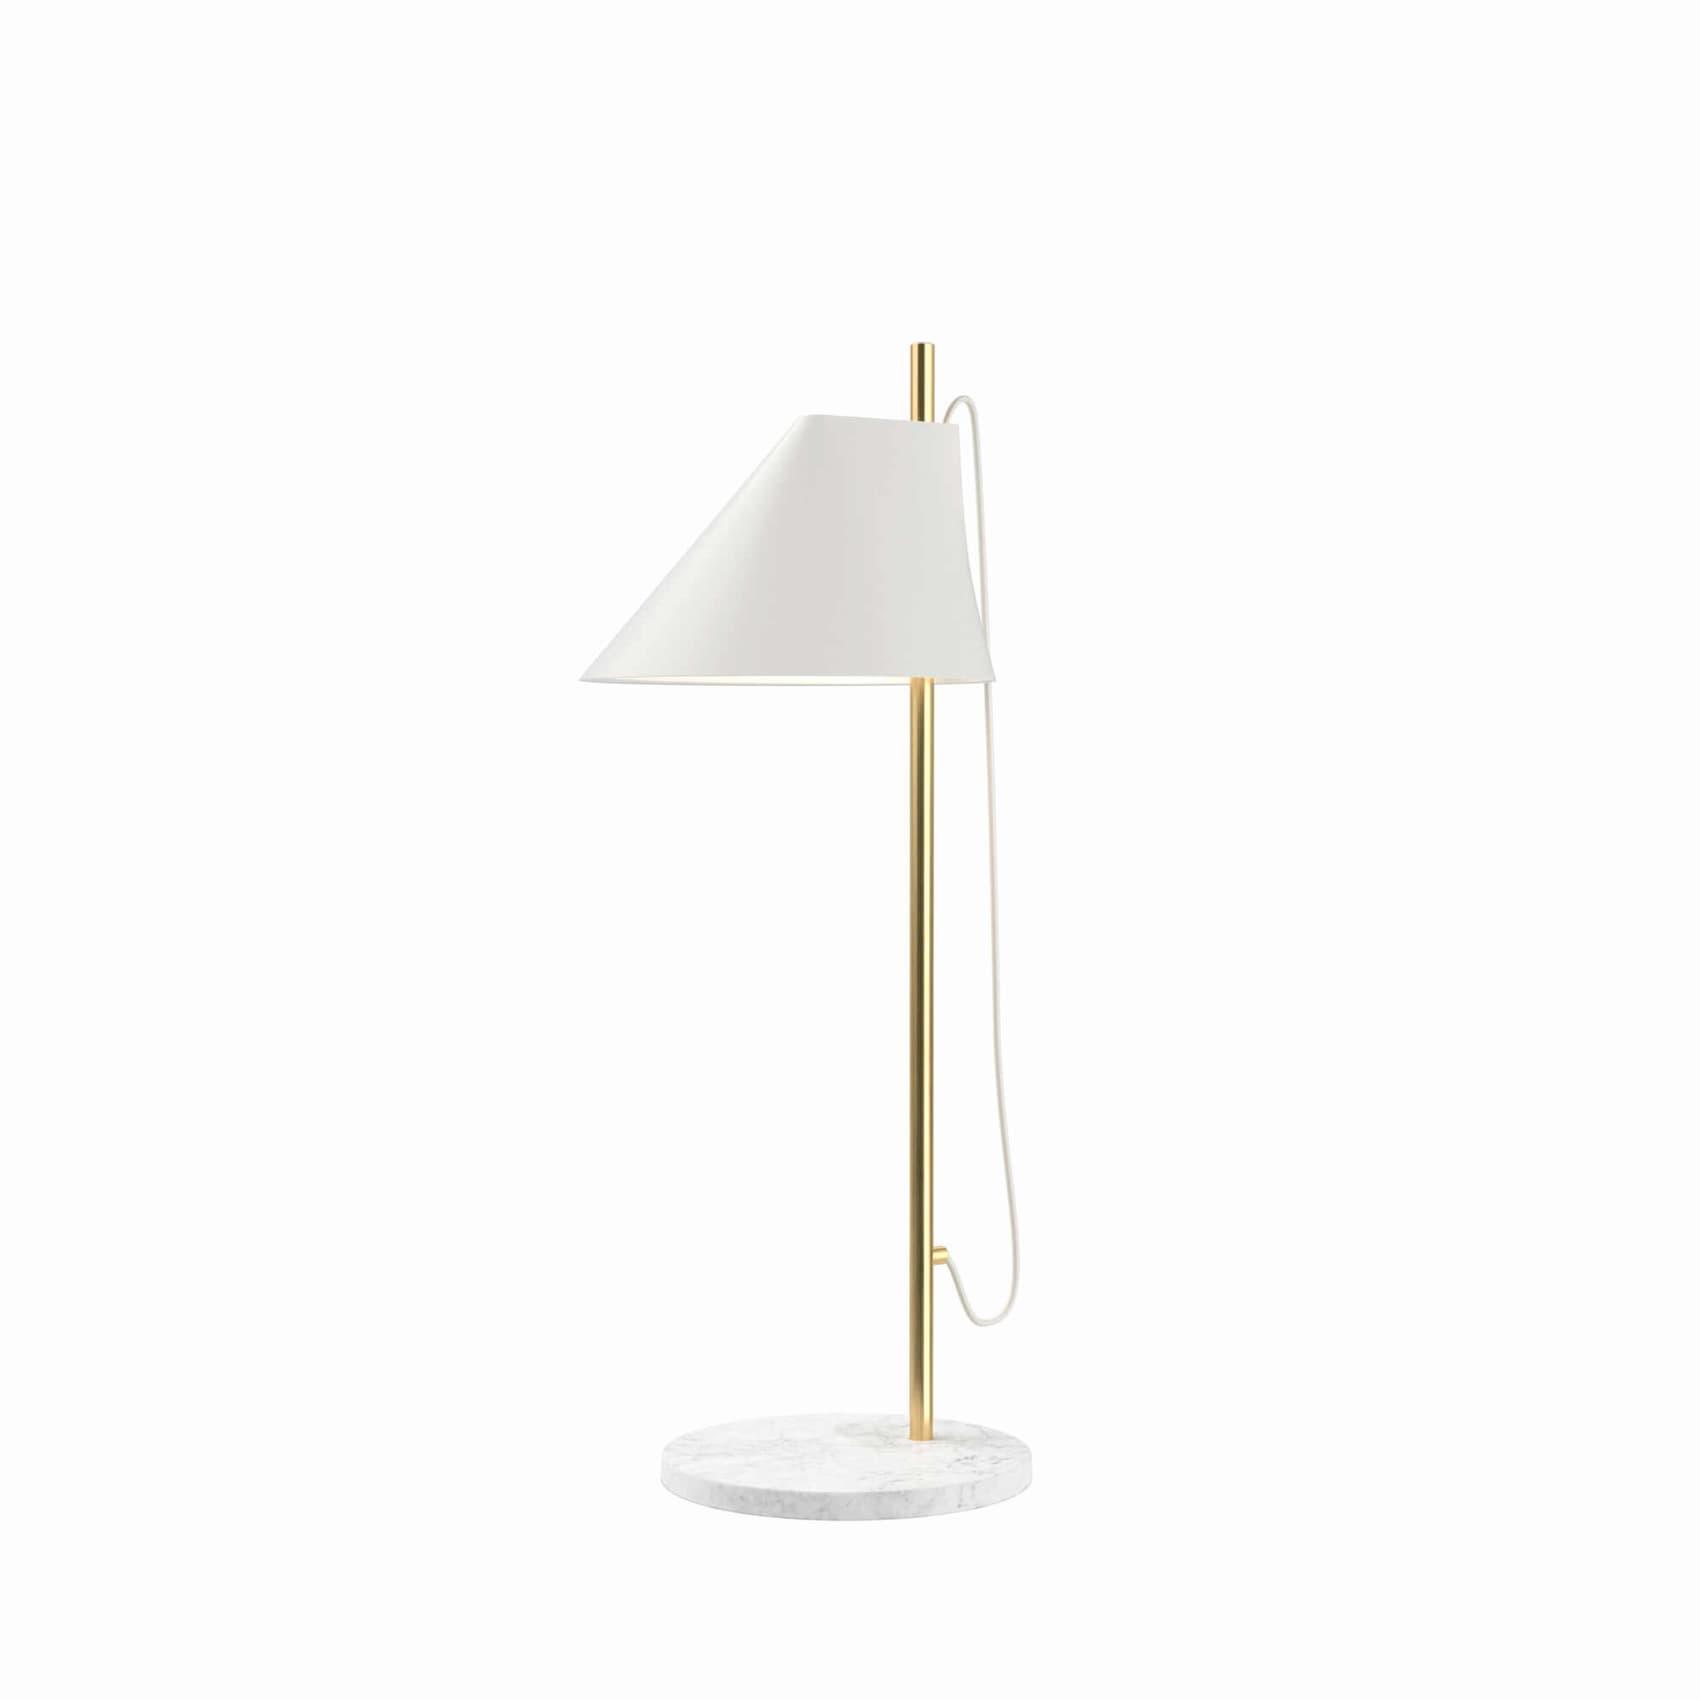 Brass/White - +$109.67